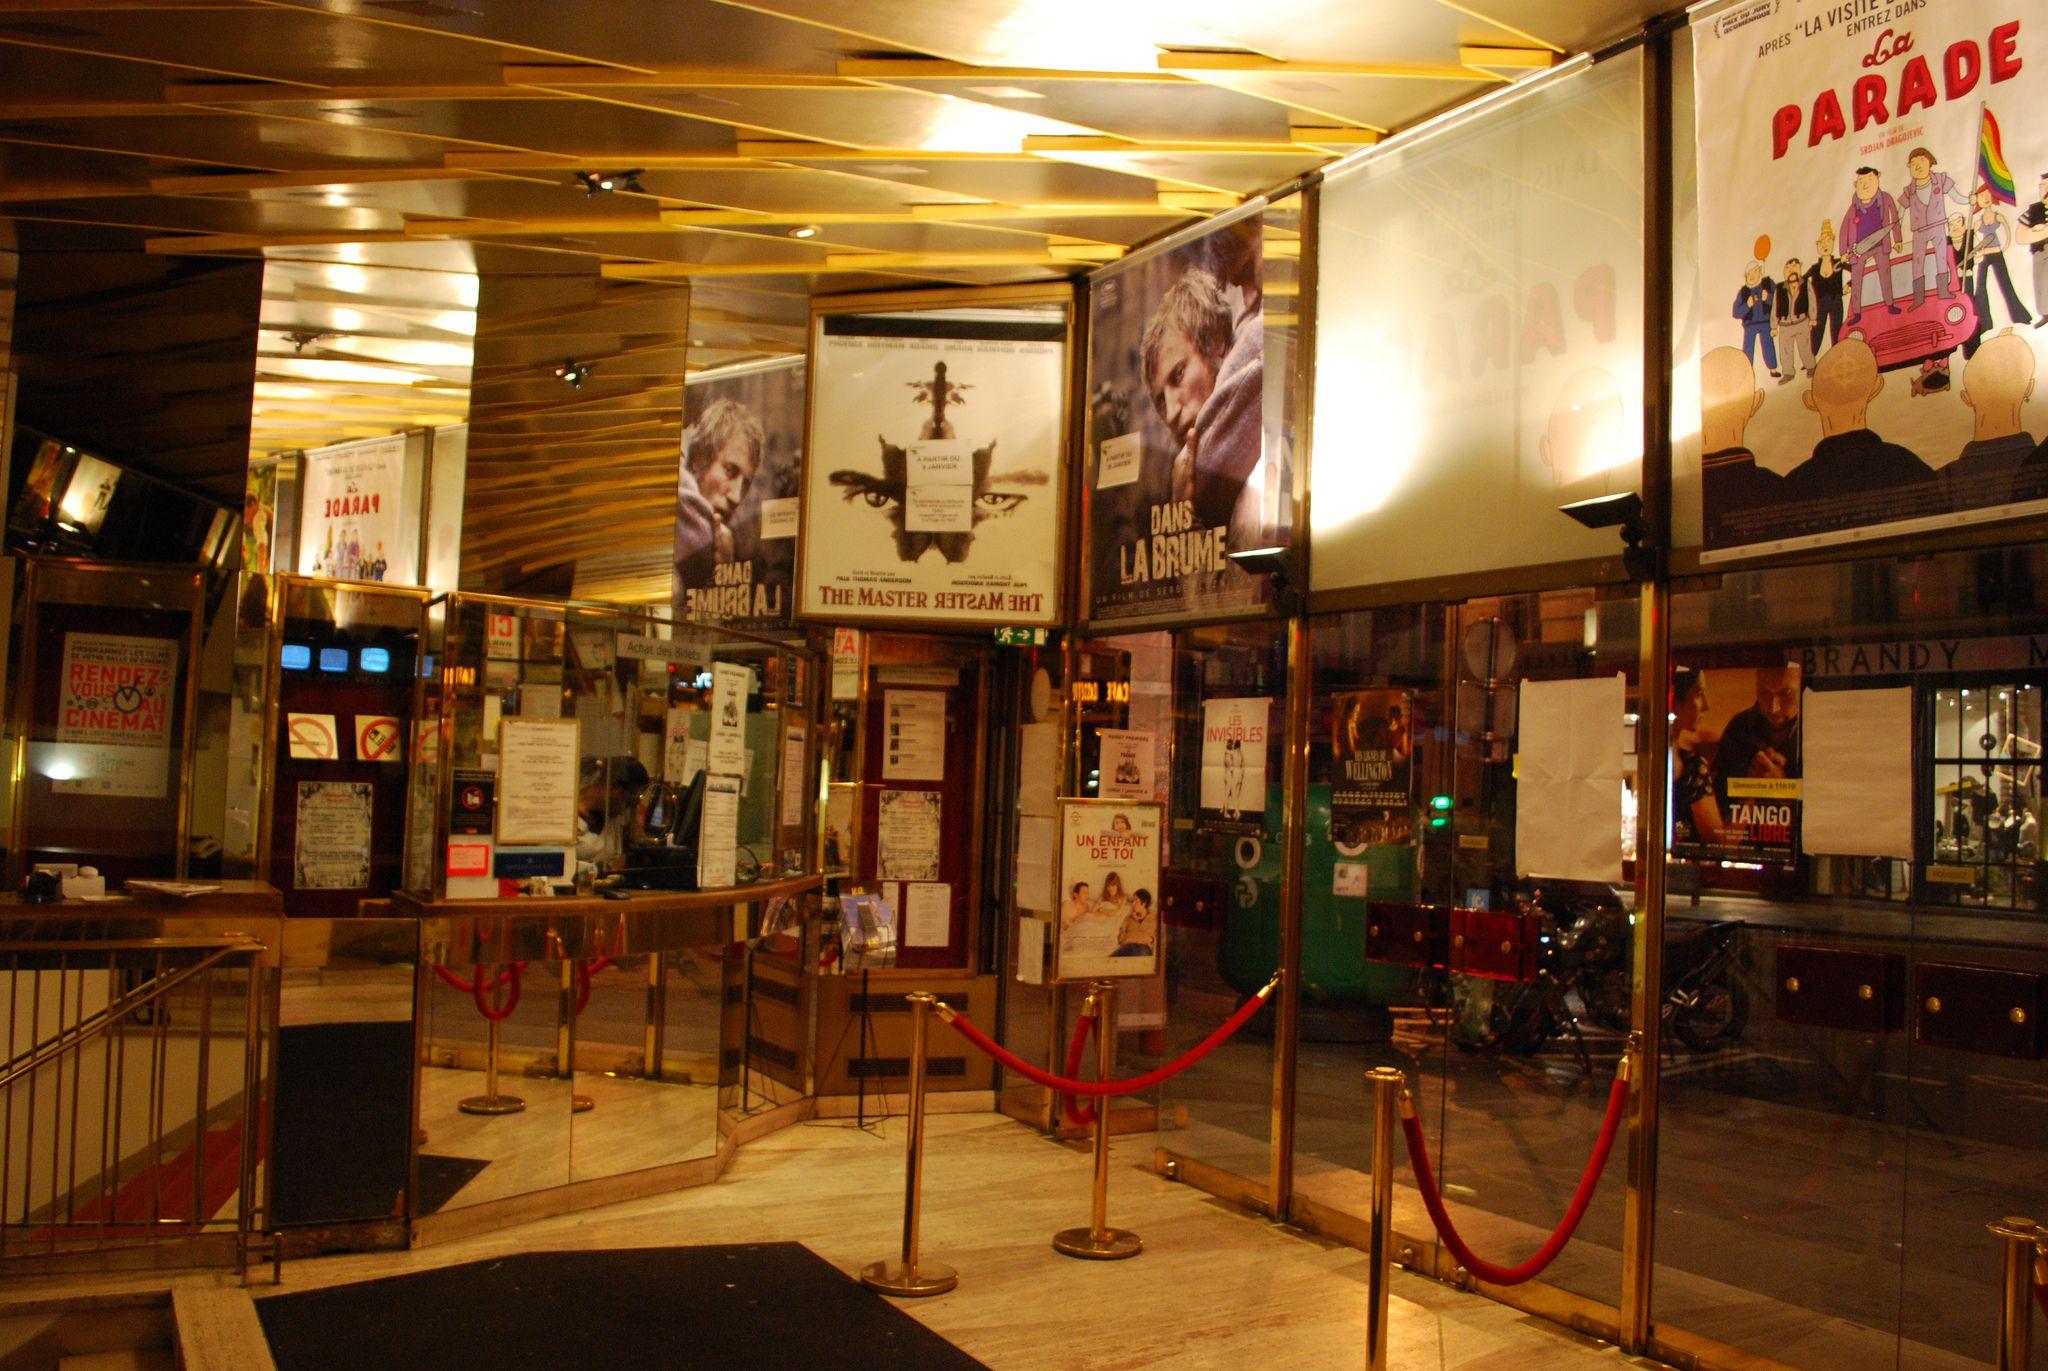 Cinéma l'Arlequin, rue de Rennes, Paris   by Mathieu FRANCOIS DU BERTRAND